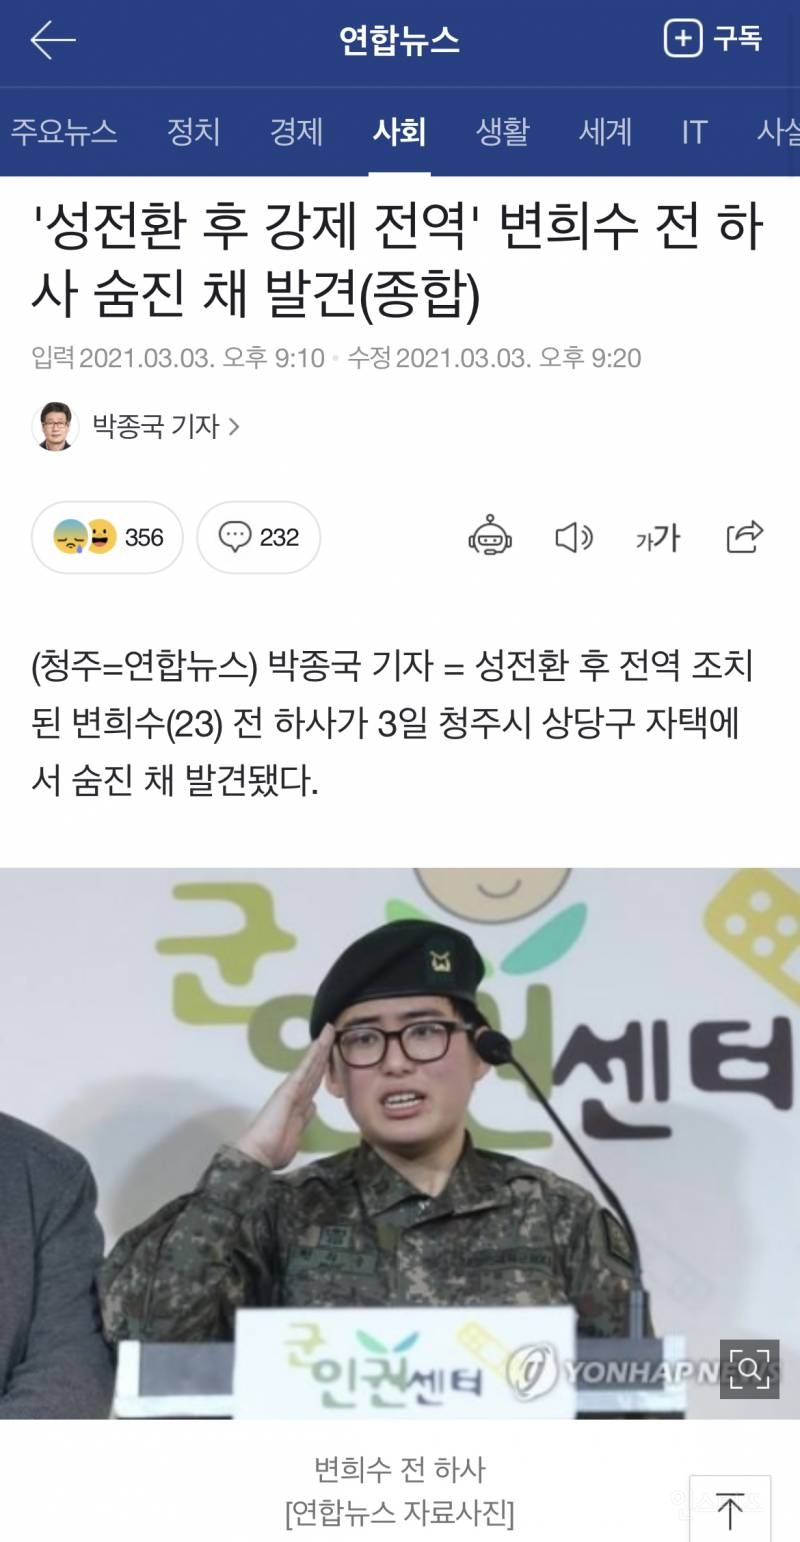 '성전환 후 강제 전역' 변희수 전 하사 숨진 채 발견 | 인스티즈